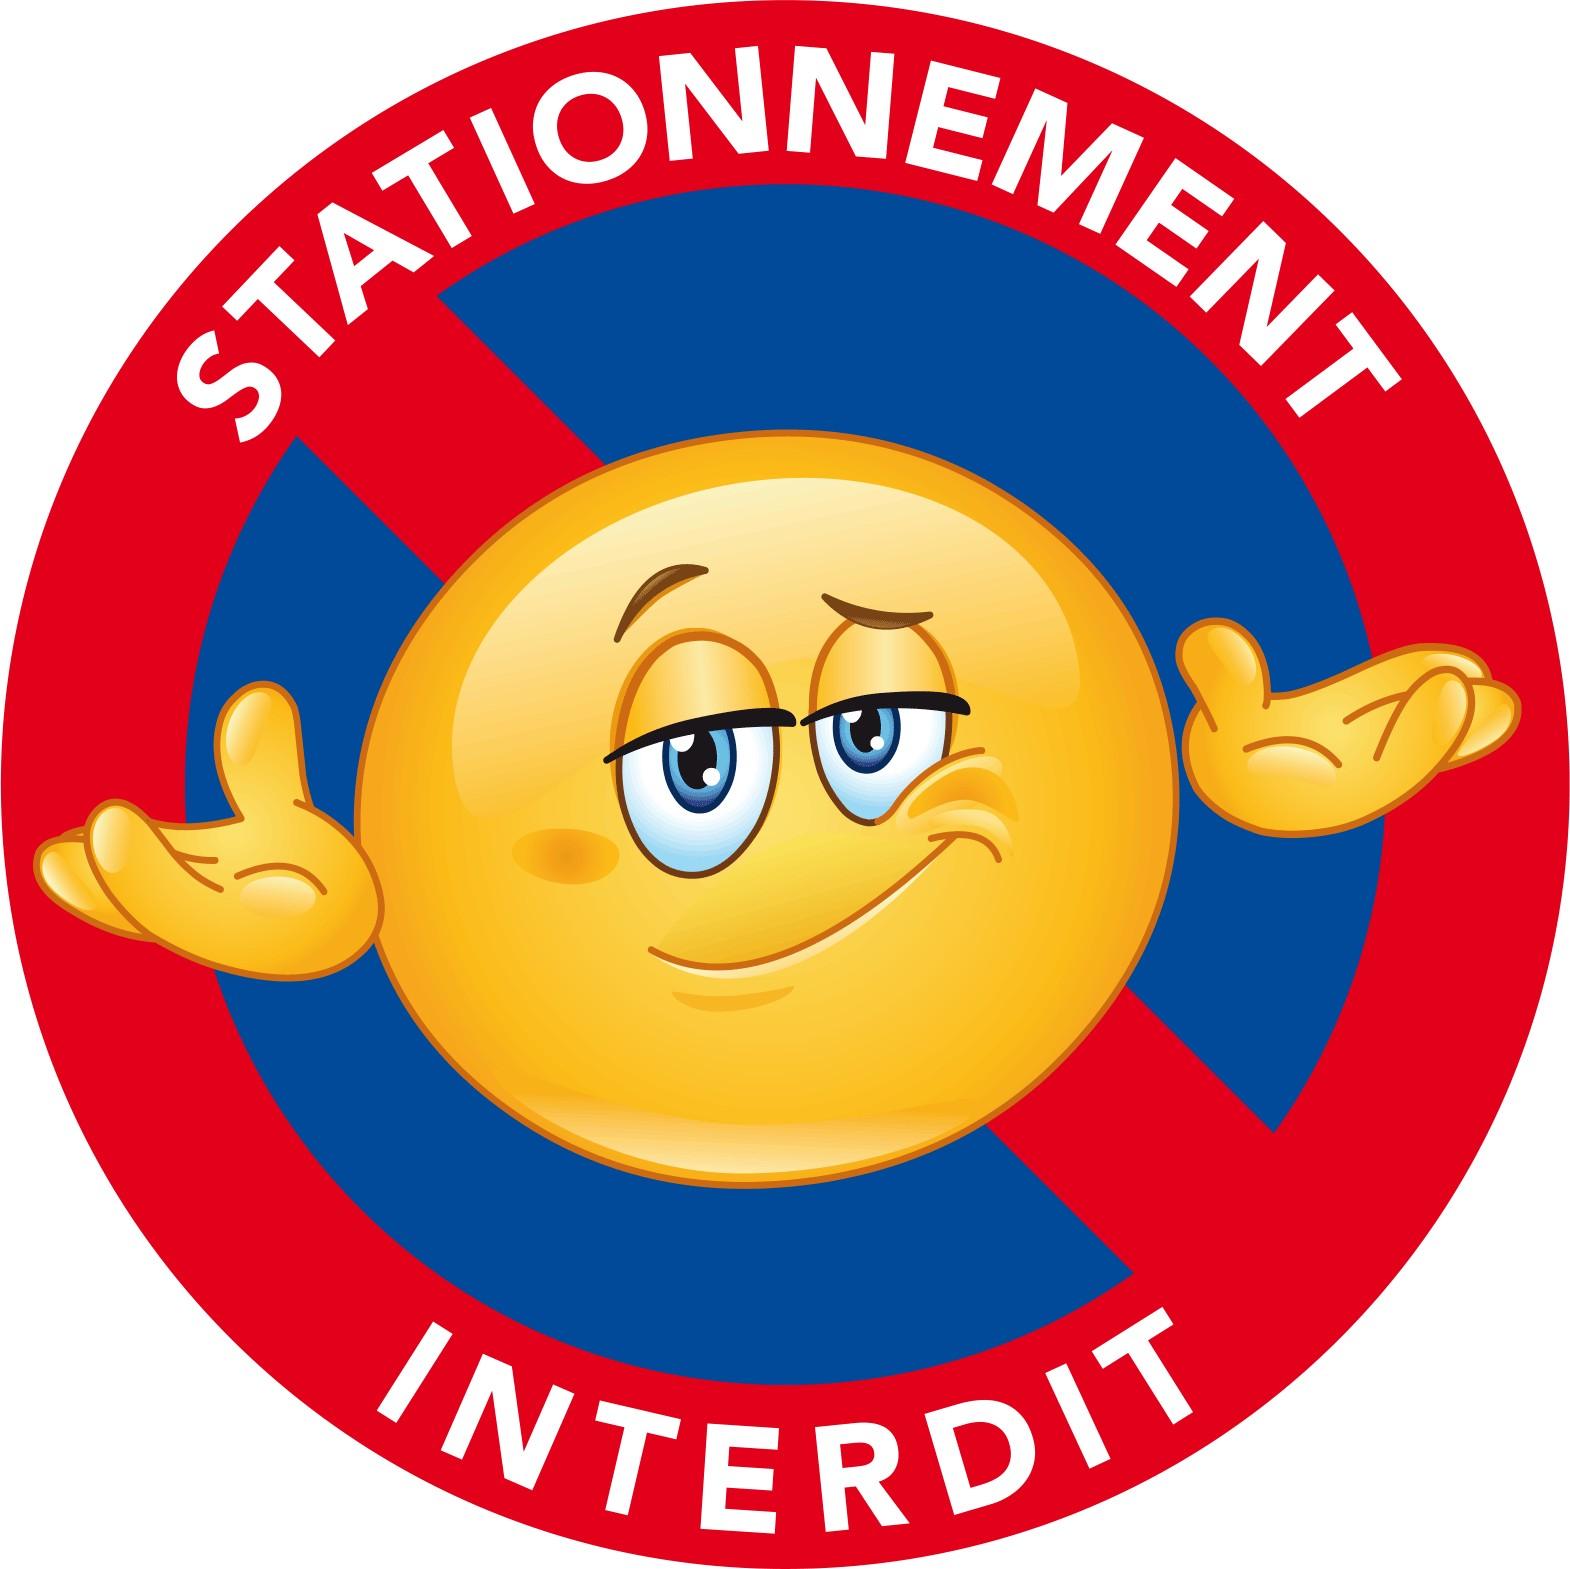 Autocollants Interdiction De Stationner Pour Voiture Mal Garee